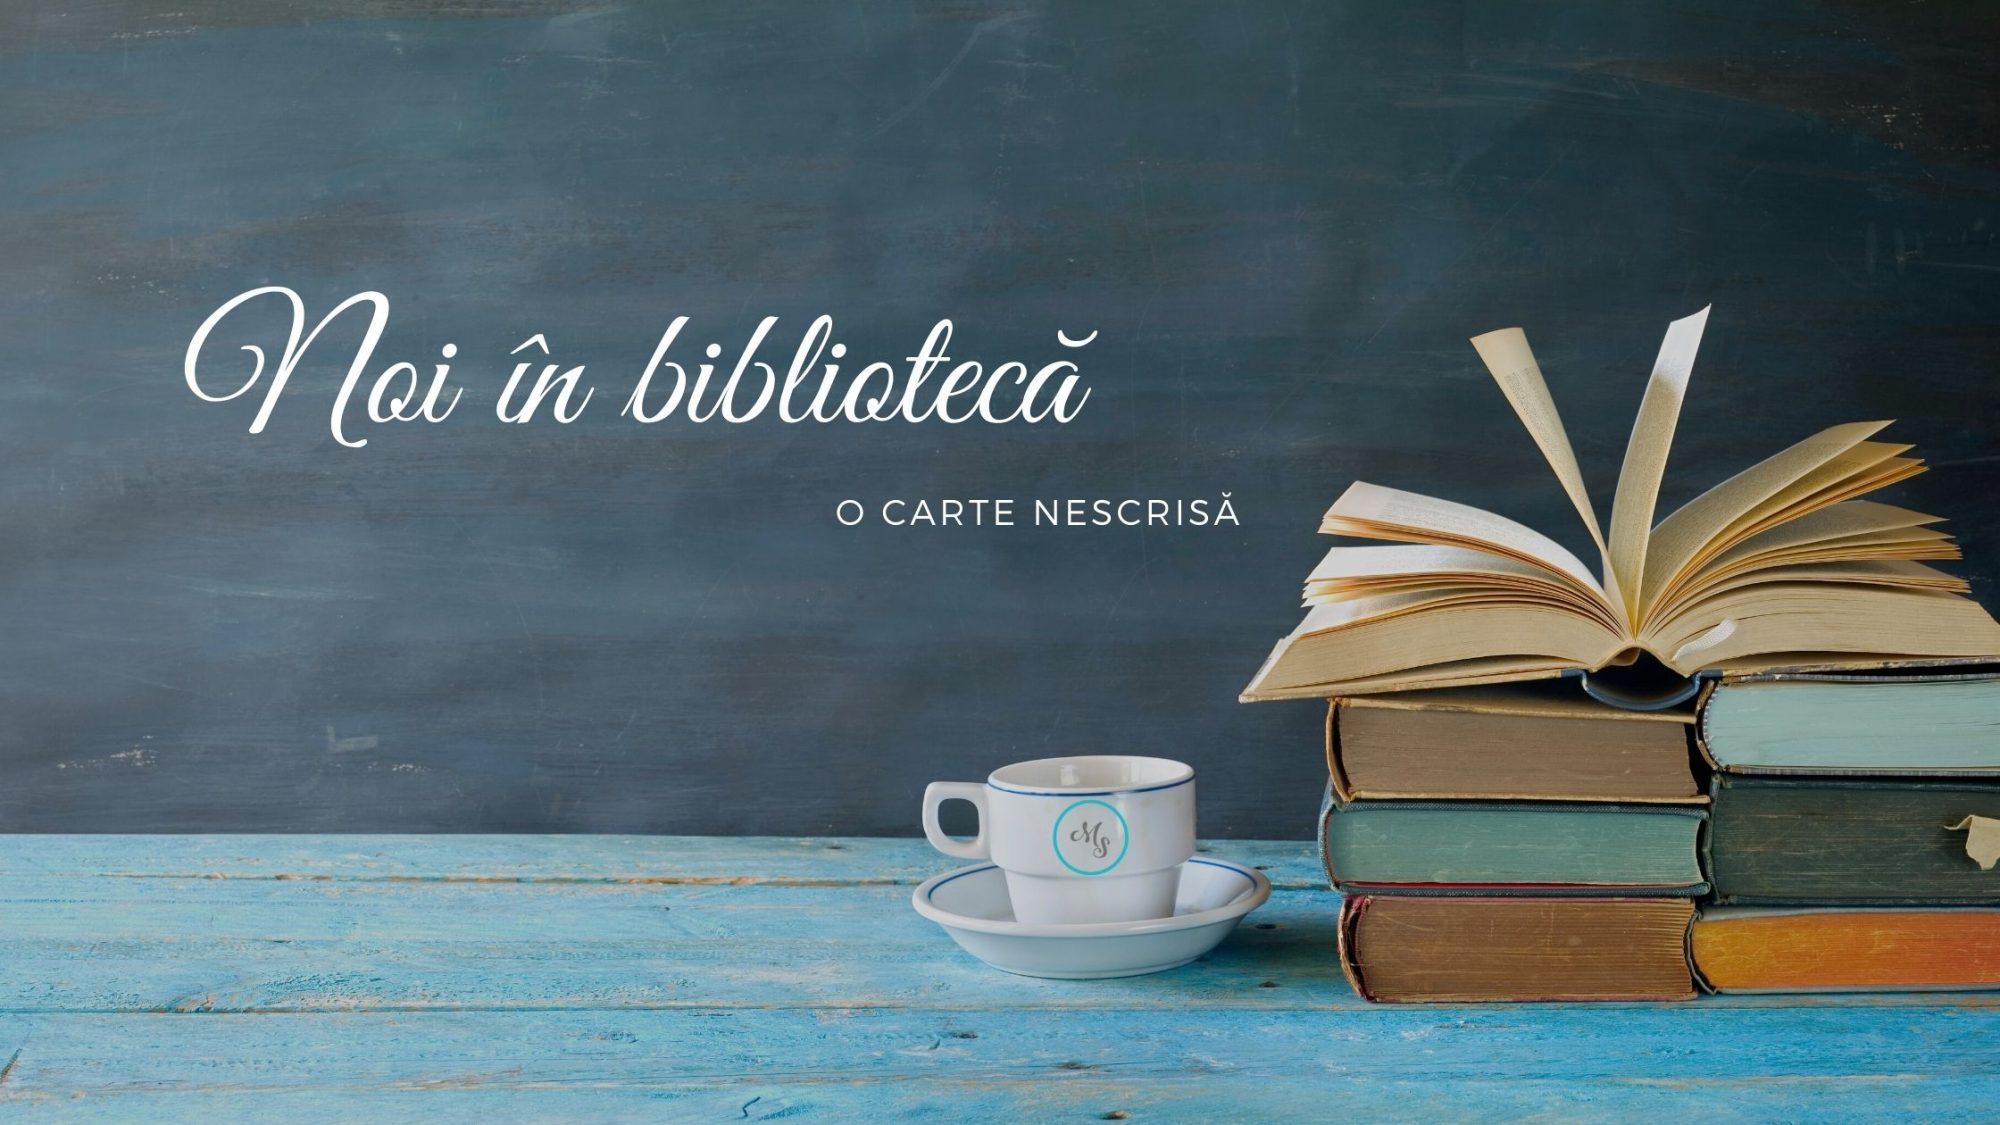 Cărți noi în bibliotecă